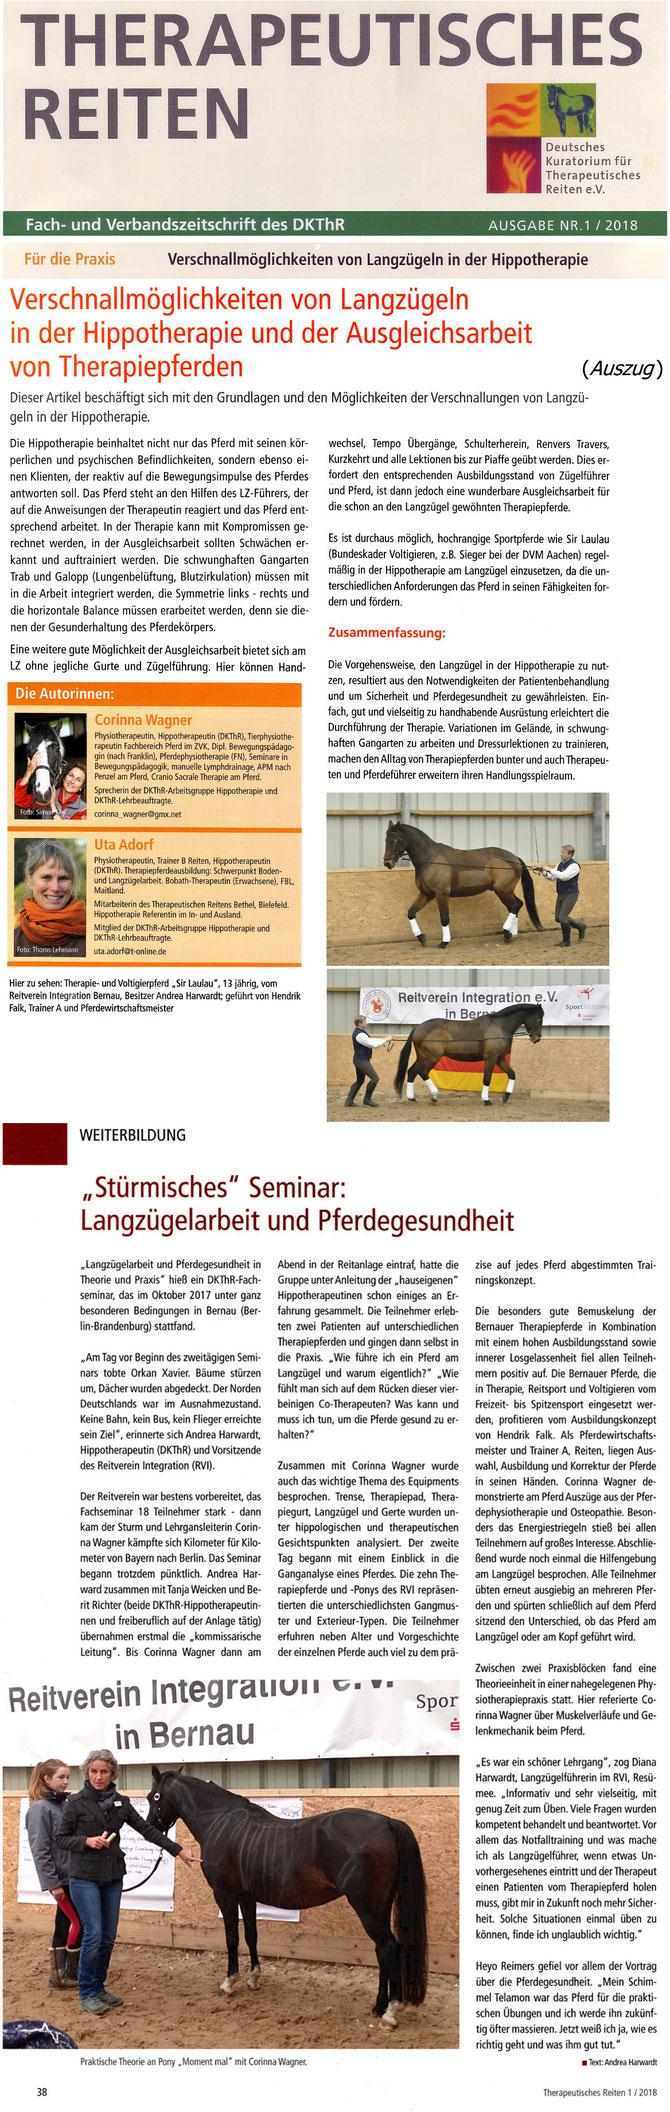 """Fachseminar """"Langzügelarbeit und Pferdegesundheit in Theorie und Praxis"""" beim RVI, erschienen in der Ausgabe 01/2018 """"Fach- und Verbandszeitschrift des DKThR"""""""